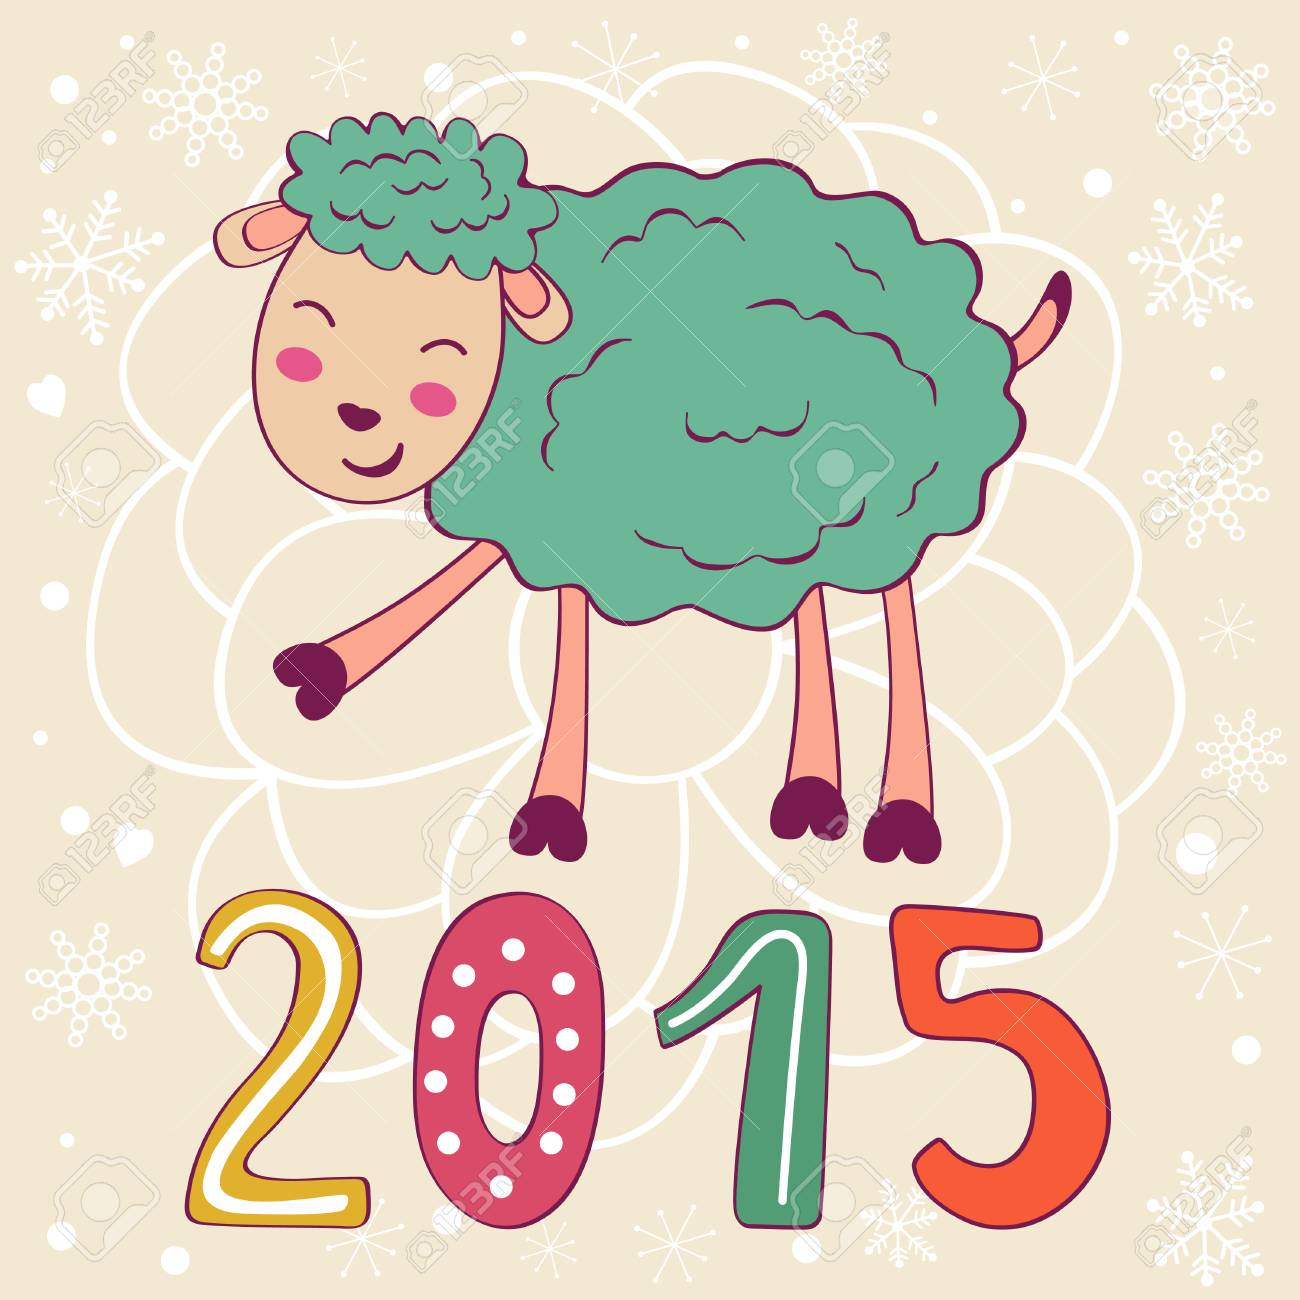 面白い羊はかわいいと 2015年カードベクトル イラストのイラスト素材